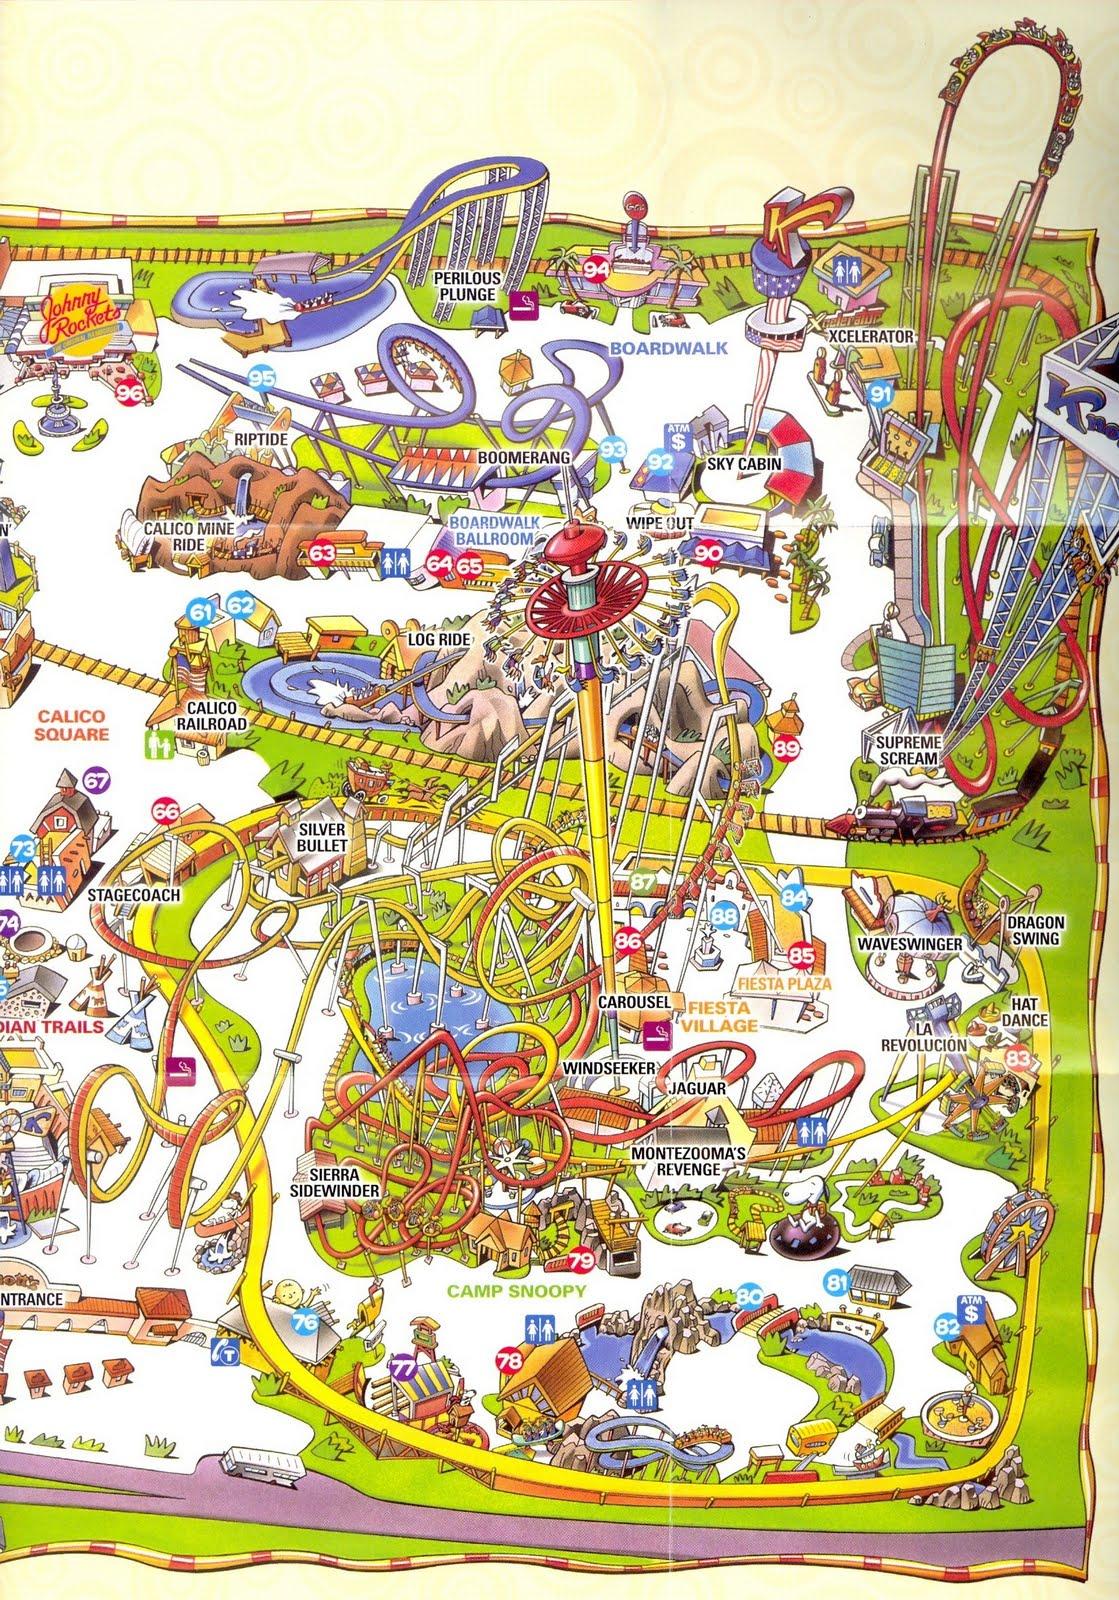 Knotts Berry Farm California Map - Klipy - Knotts Berry Farm Map California